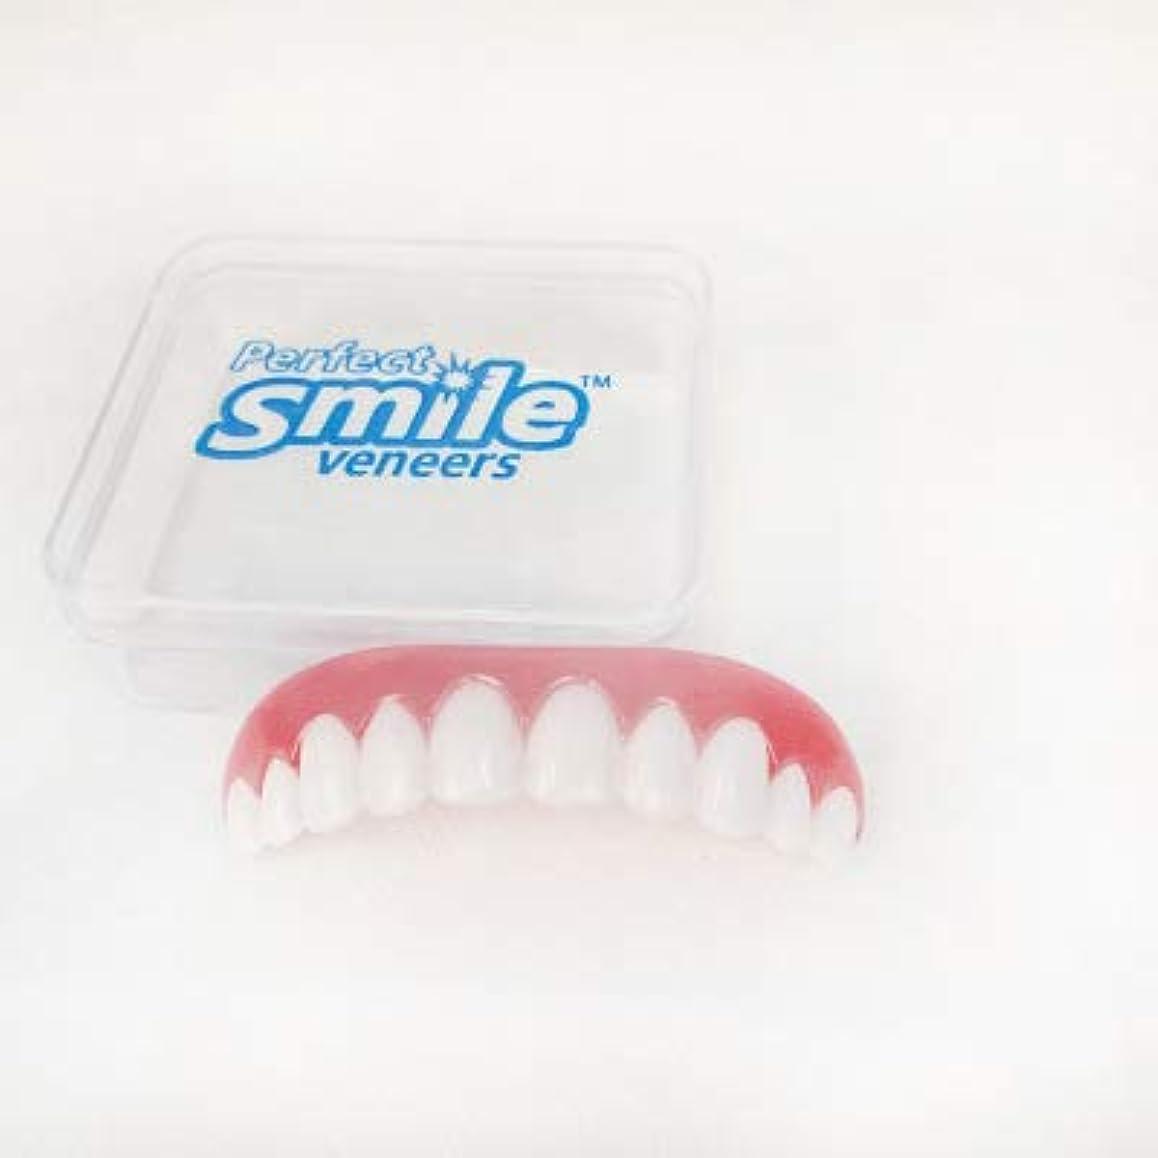 遺伝的必需品ドライブ3セット、化粧品の歯、白い歯をきれいにするコンフォートフィットフレックス歯ソケット、化粧品の歯義歯の歯のトップ化粧品